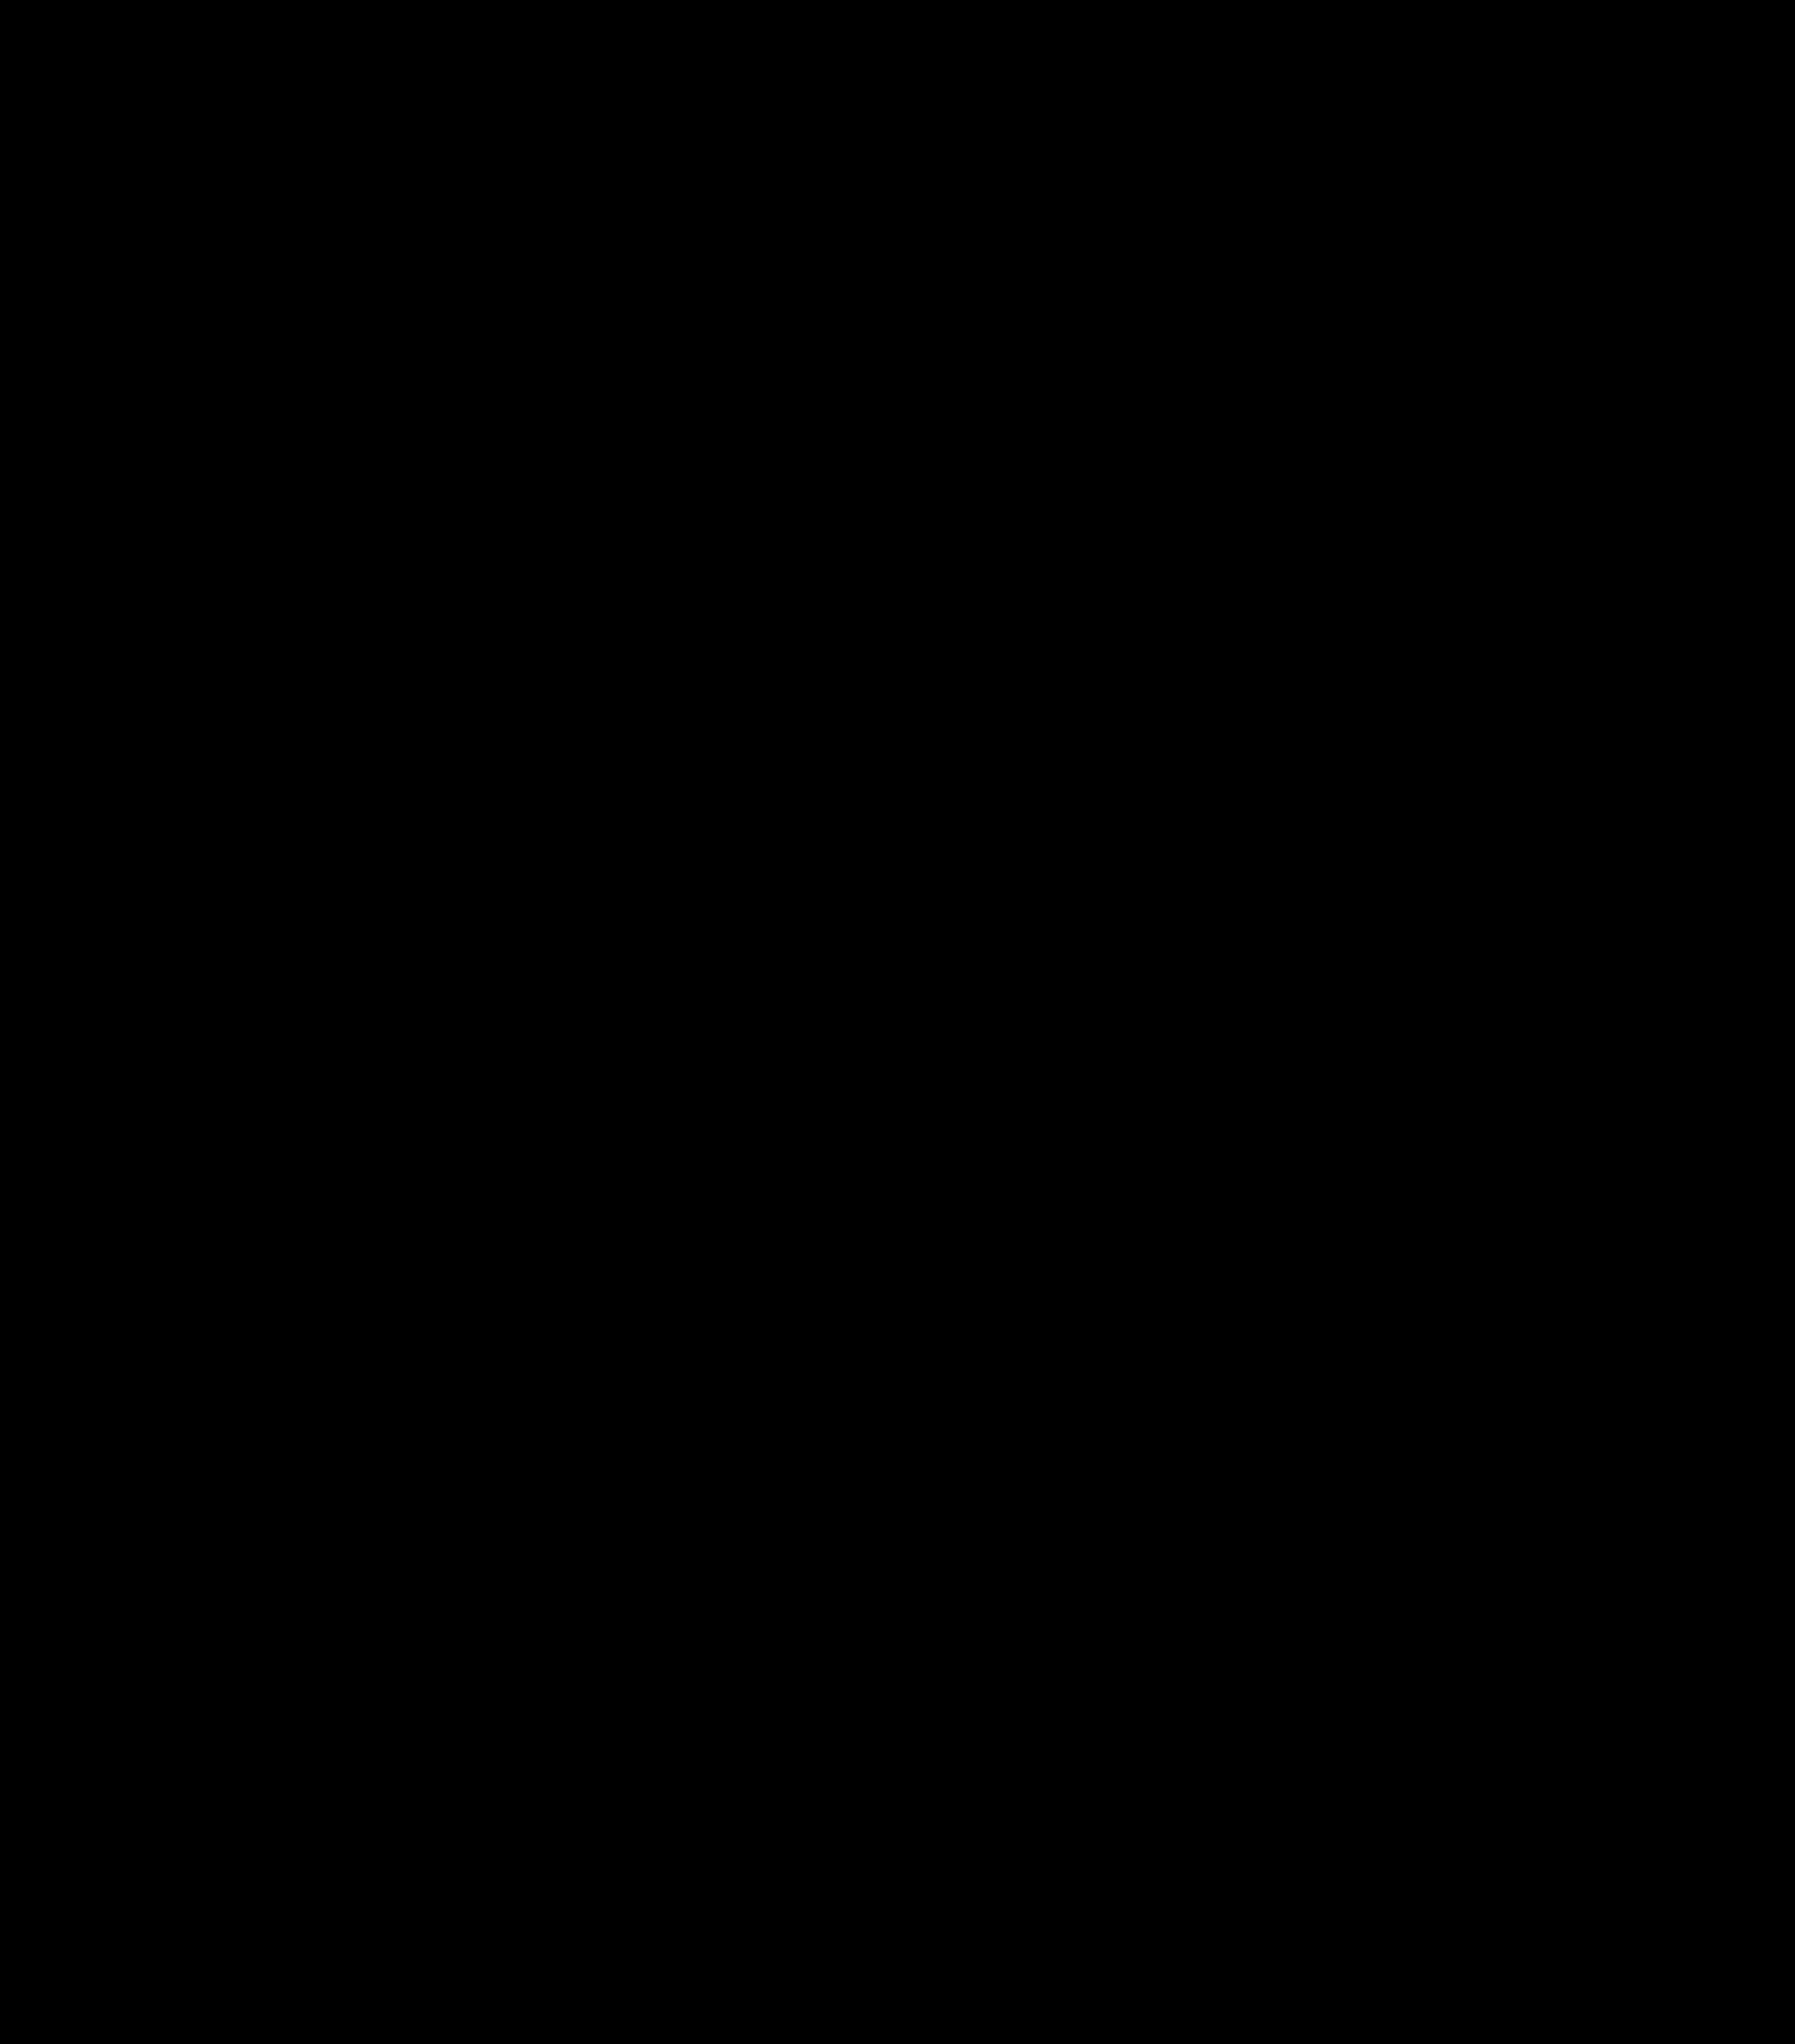 Leaf clipart black locust. Simple tree line drawing